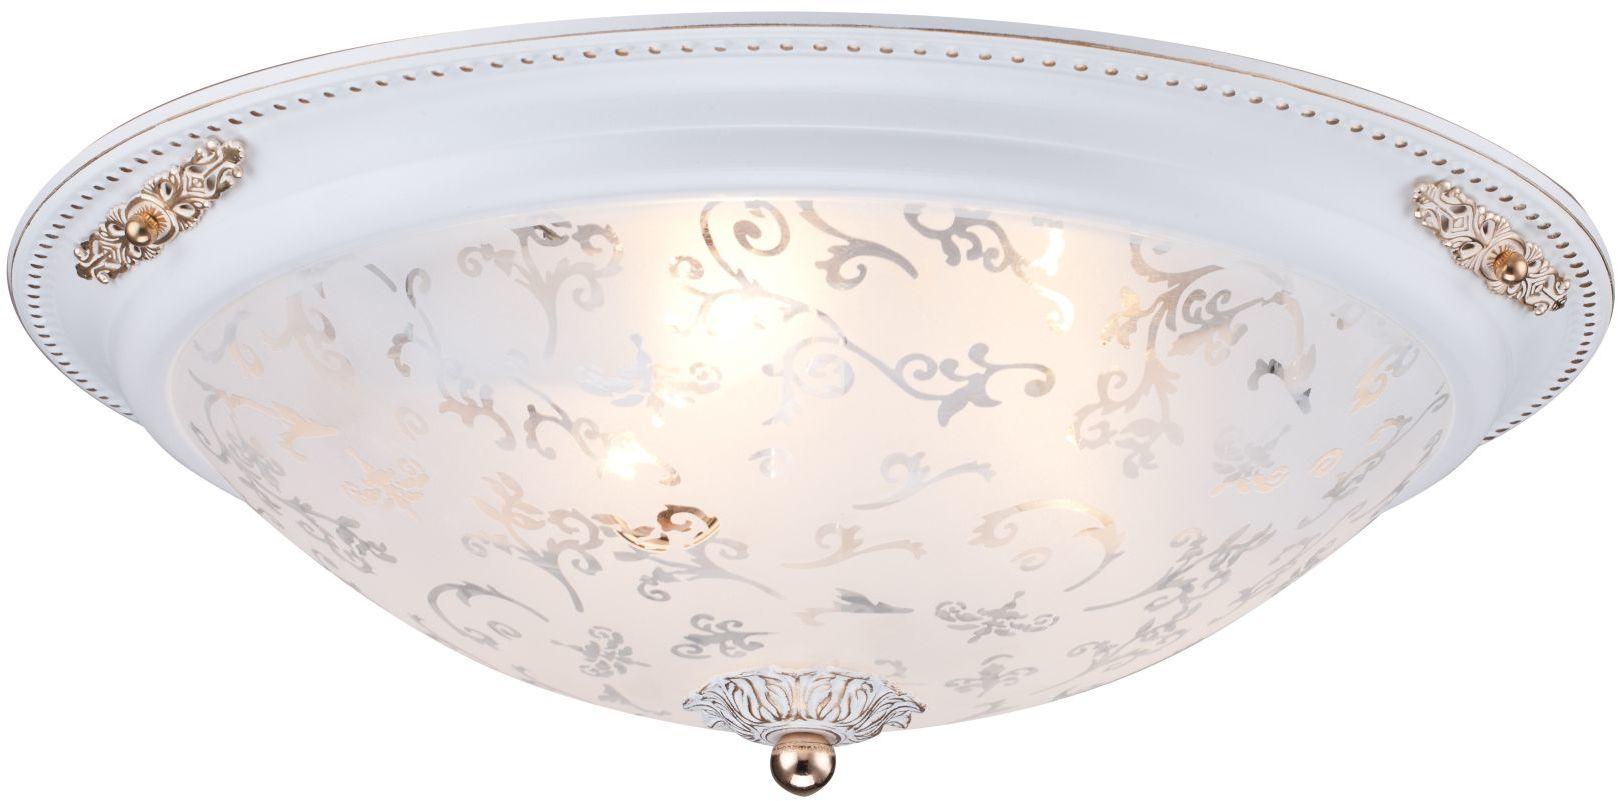 Maytoni Diametrik C907-CL-03-W plafon lampa sufitowa metalowa ramka klosz szkło piaskowane wzór 3xE27 40W